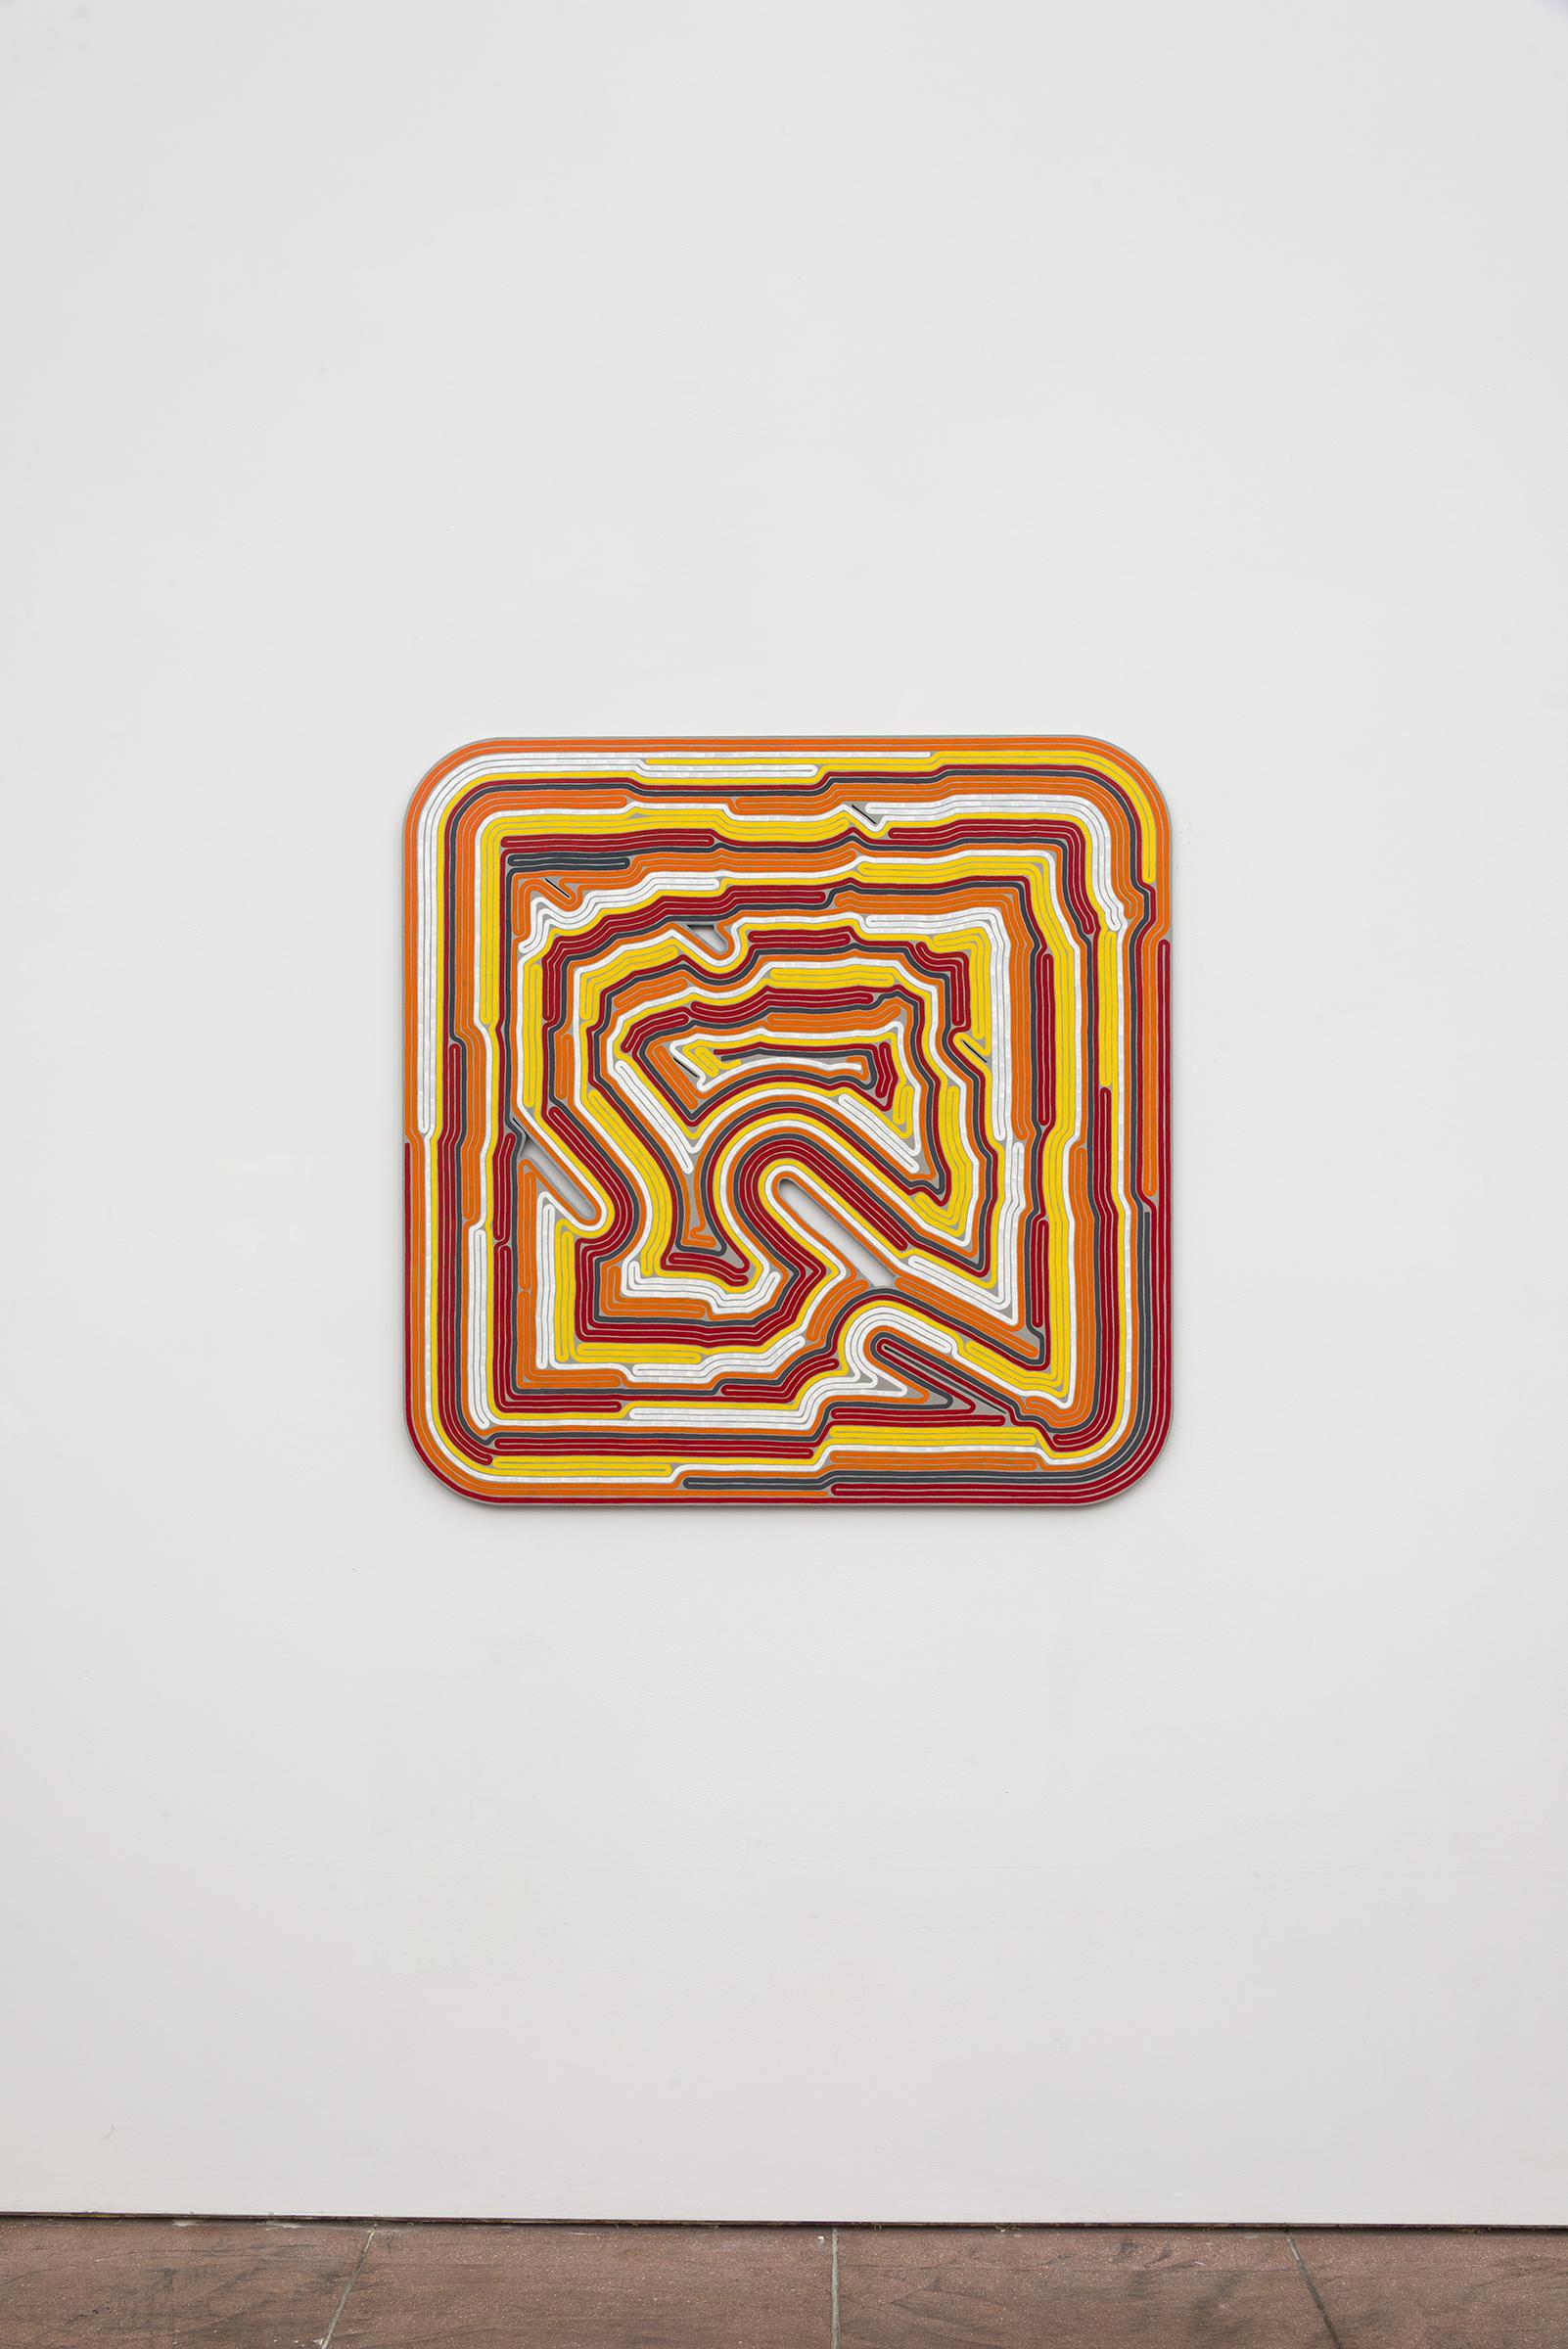 Roland Thompson, Cadmium Conundrum ,2015, acrylic on aluminum, 38 x 38 in